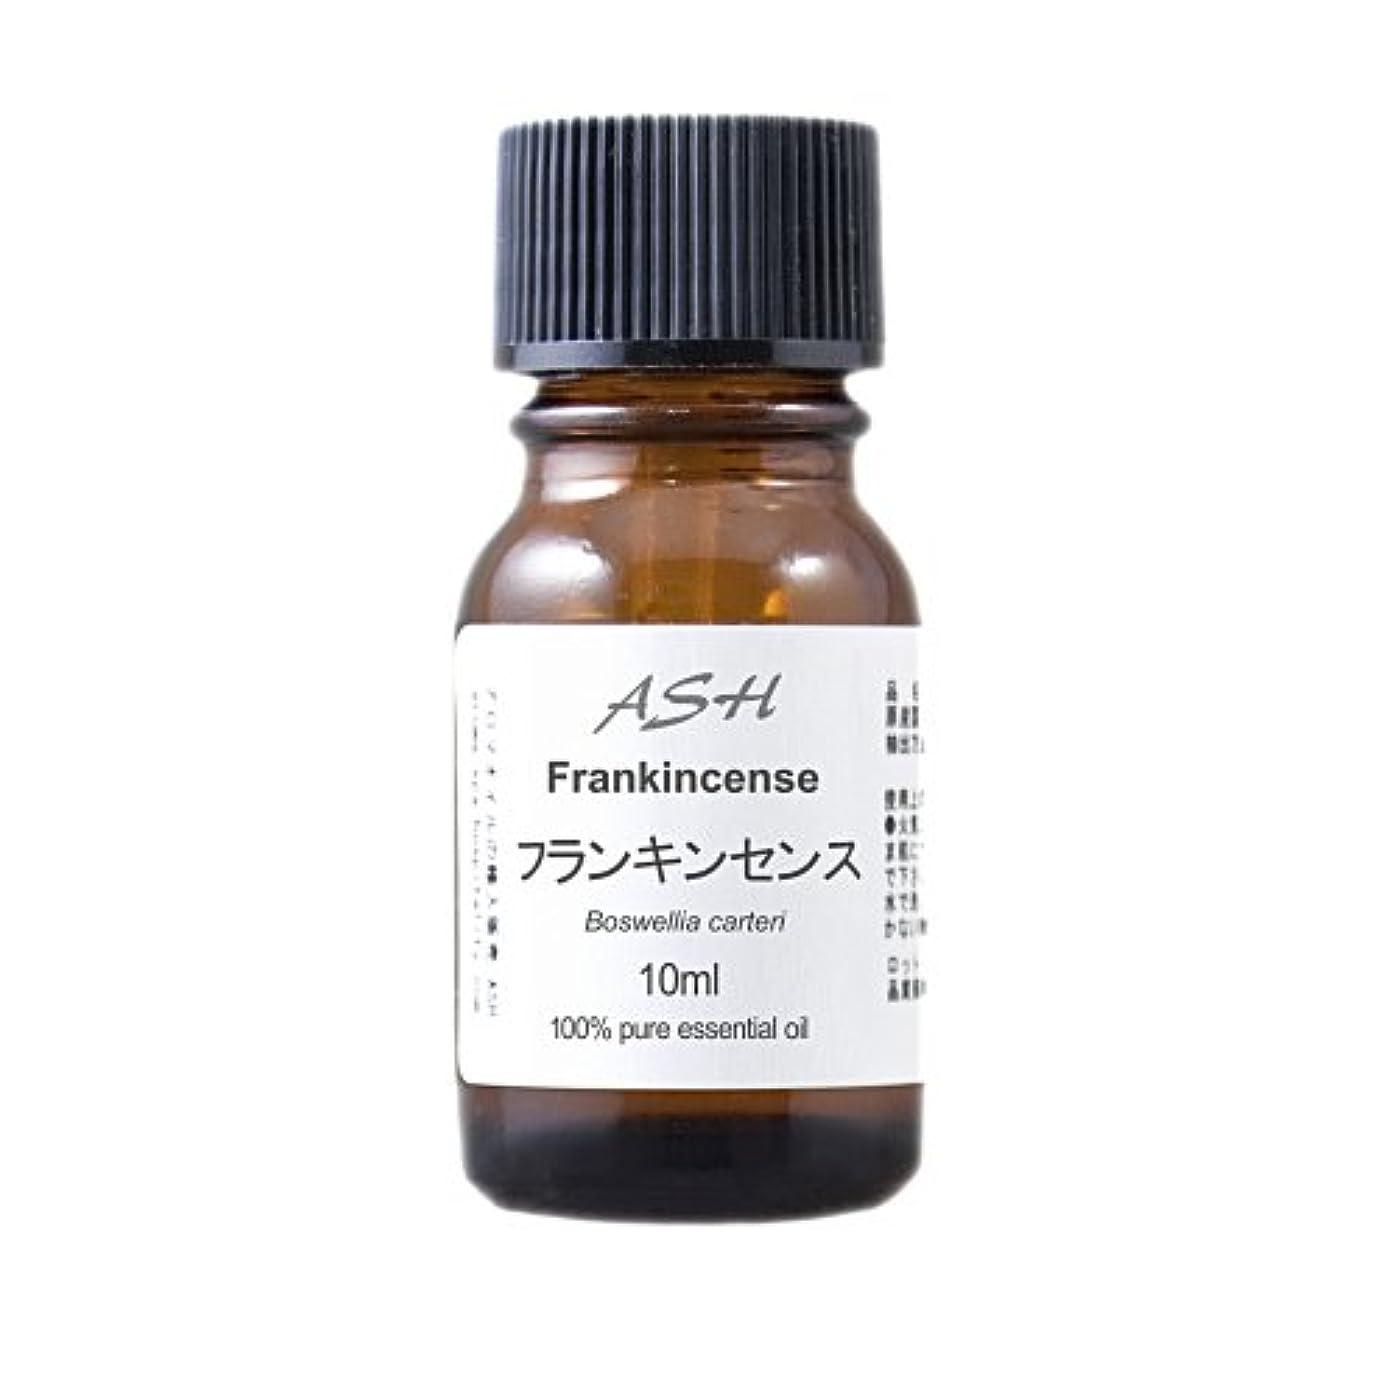 掃くありそう炎上ASH フランキンセンス エッセンシャルオイル 10ml AEAJ表示基準適合認定精油